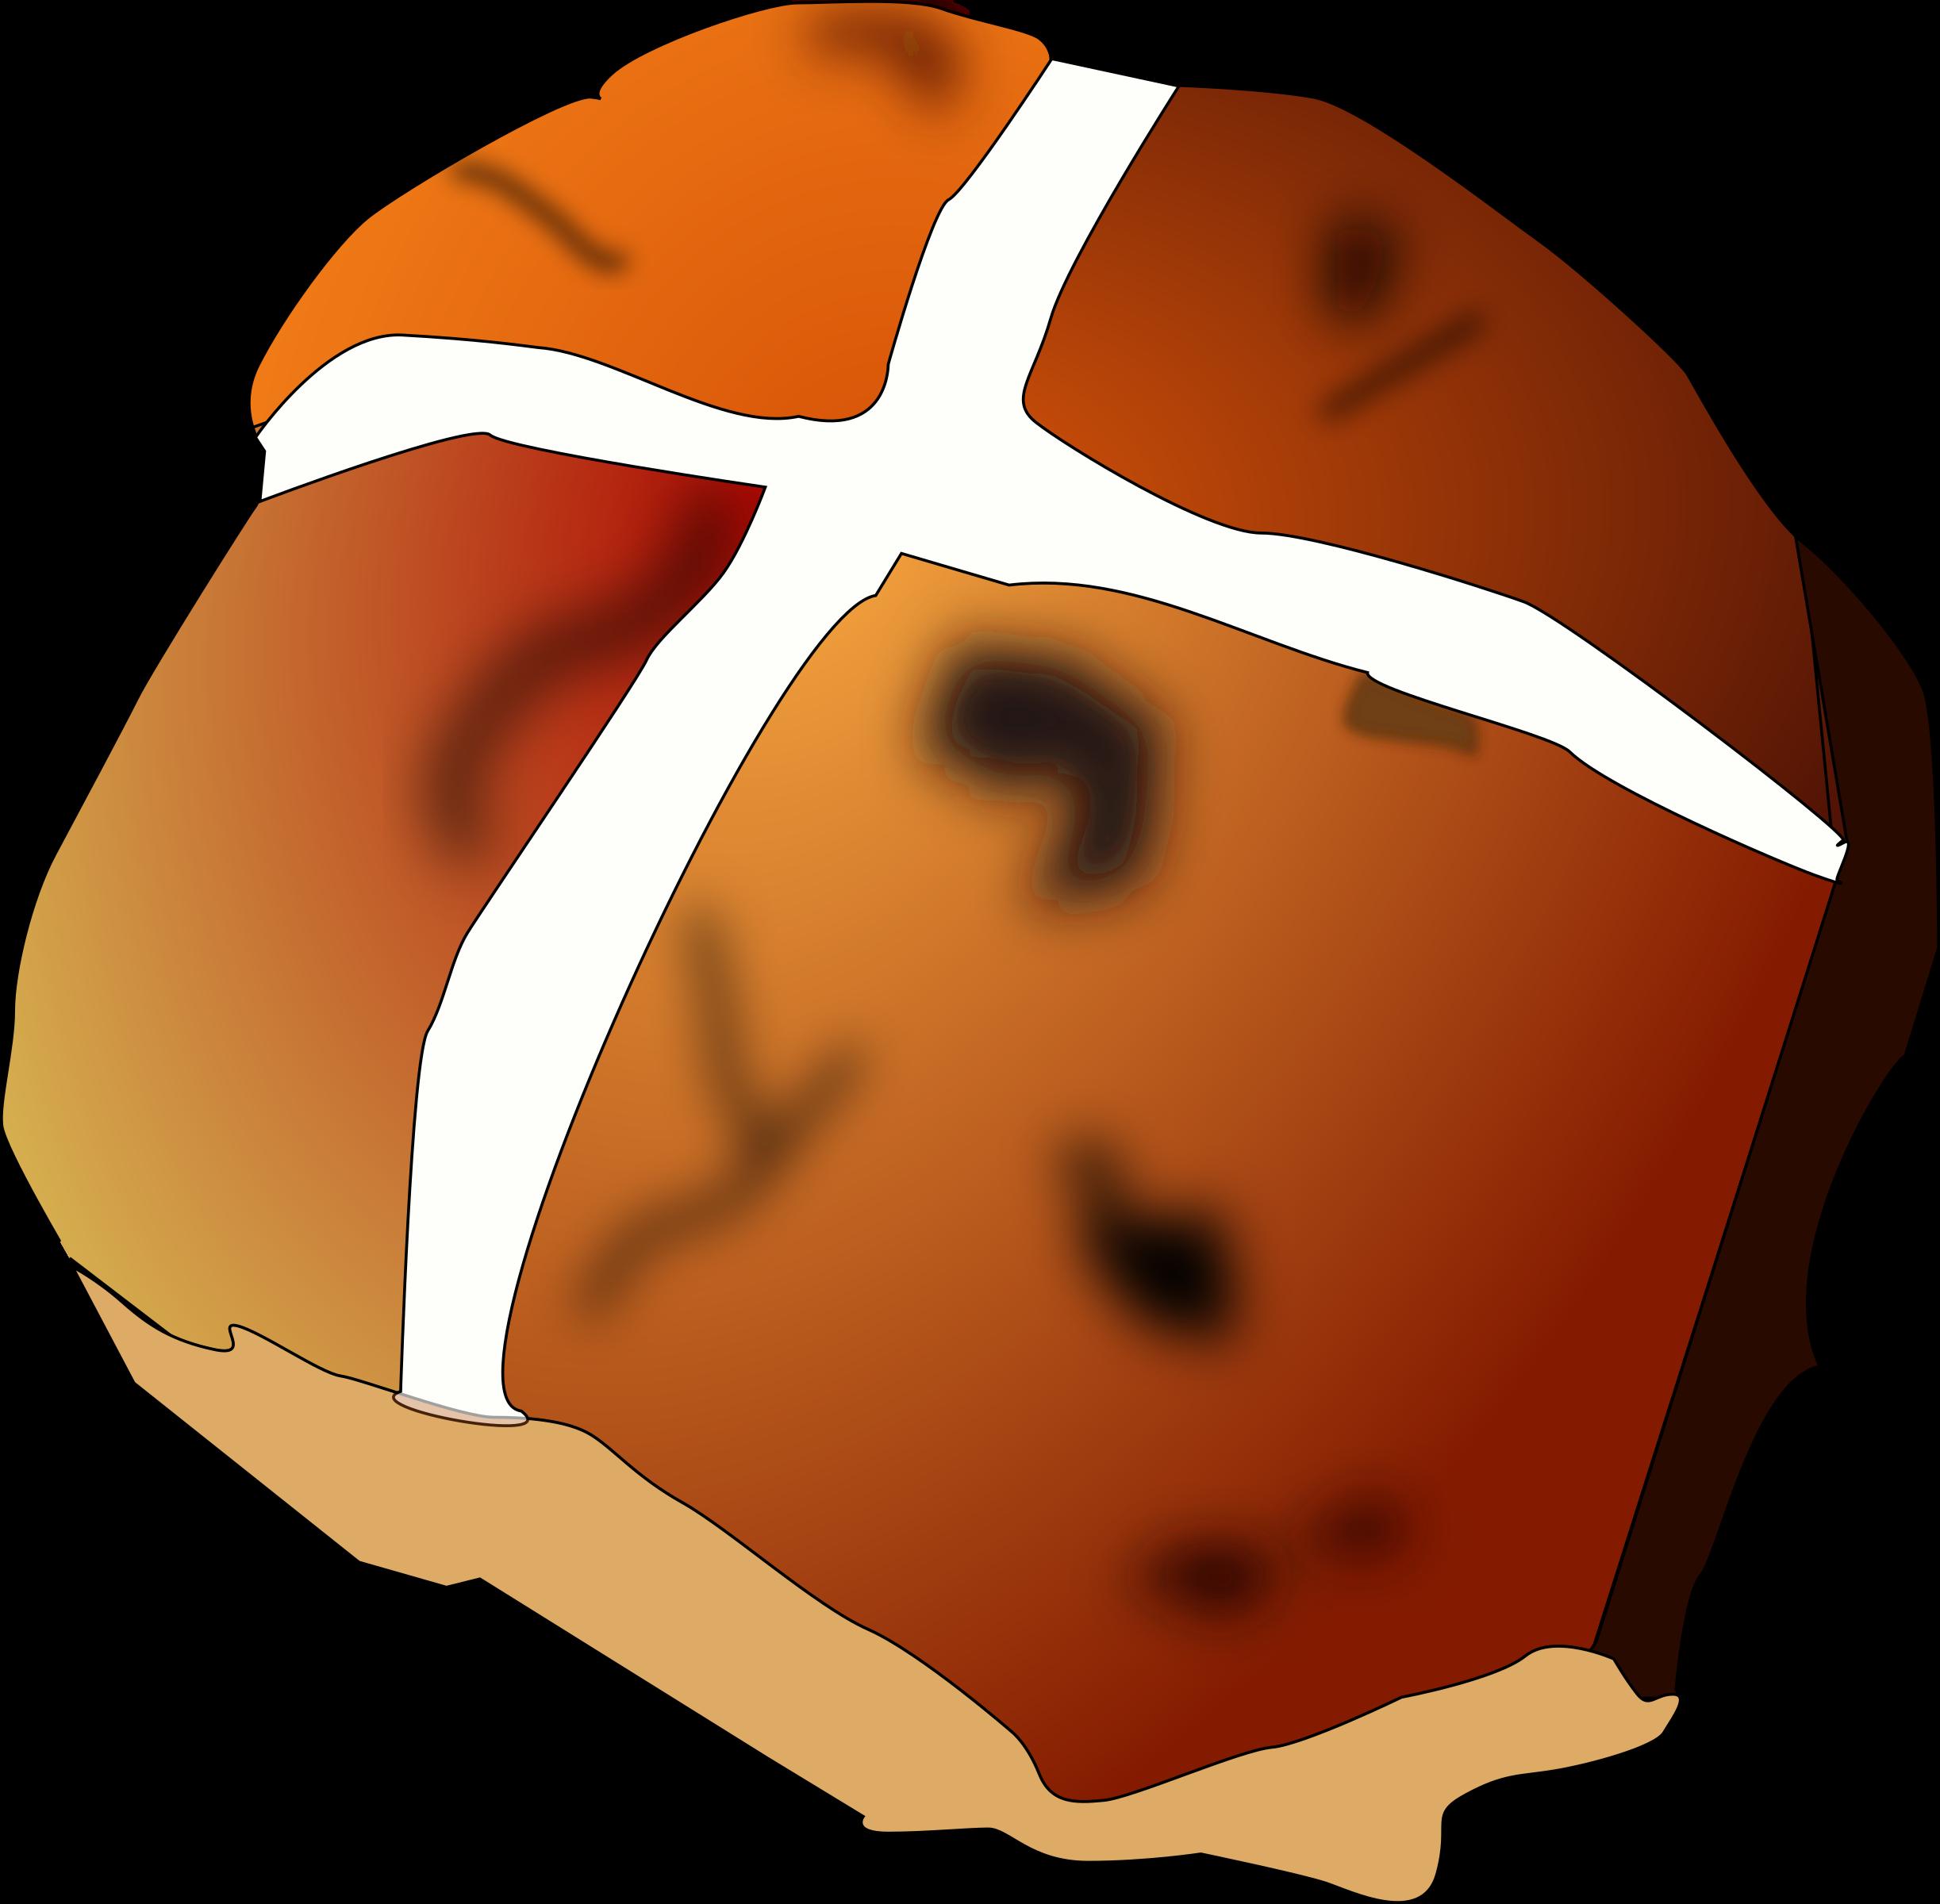 Bread Roll clipart hot cross buns Bun cross bun tom hot